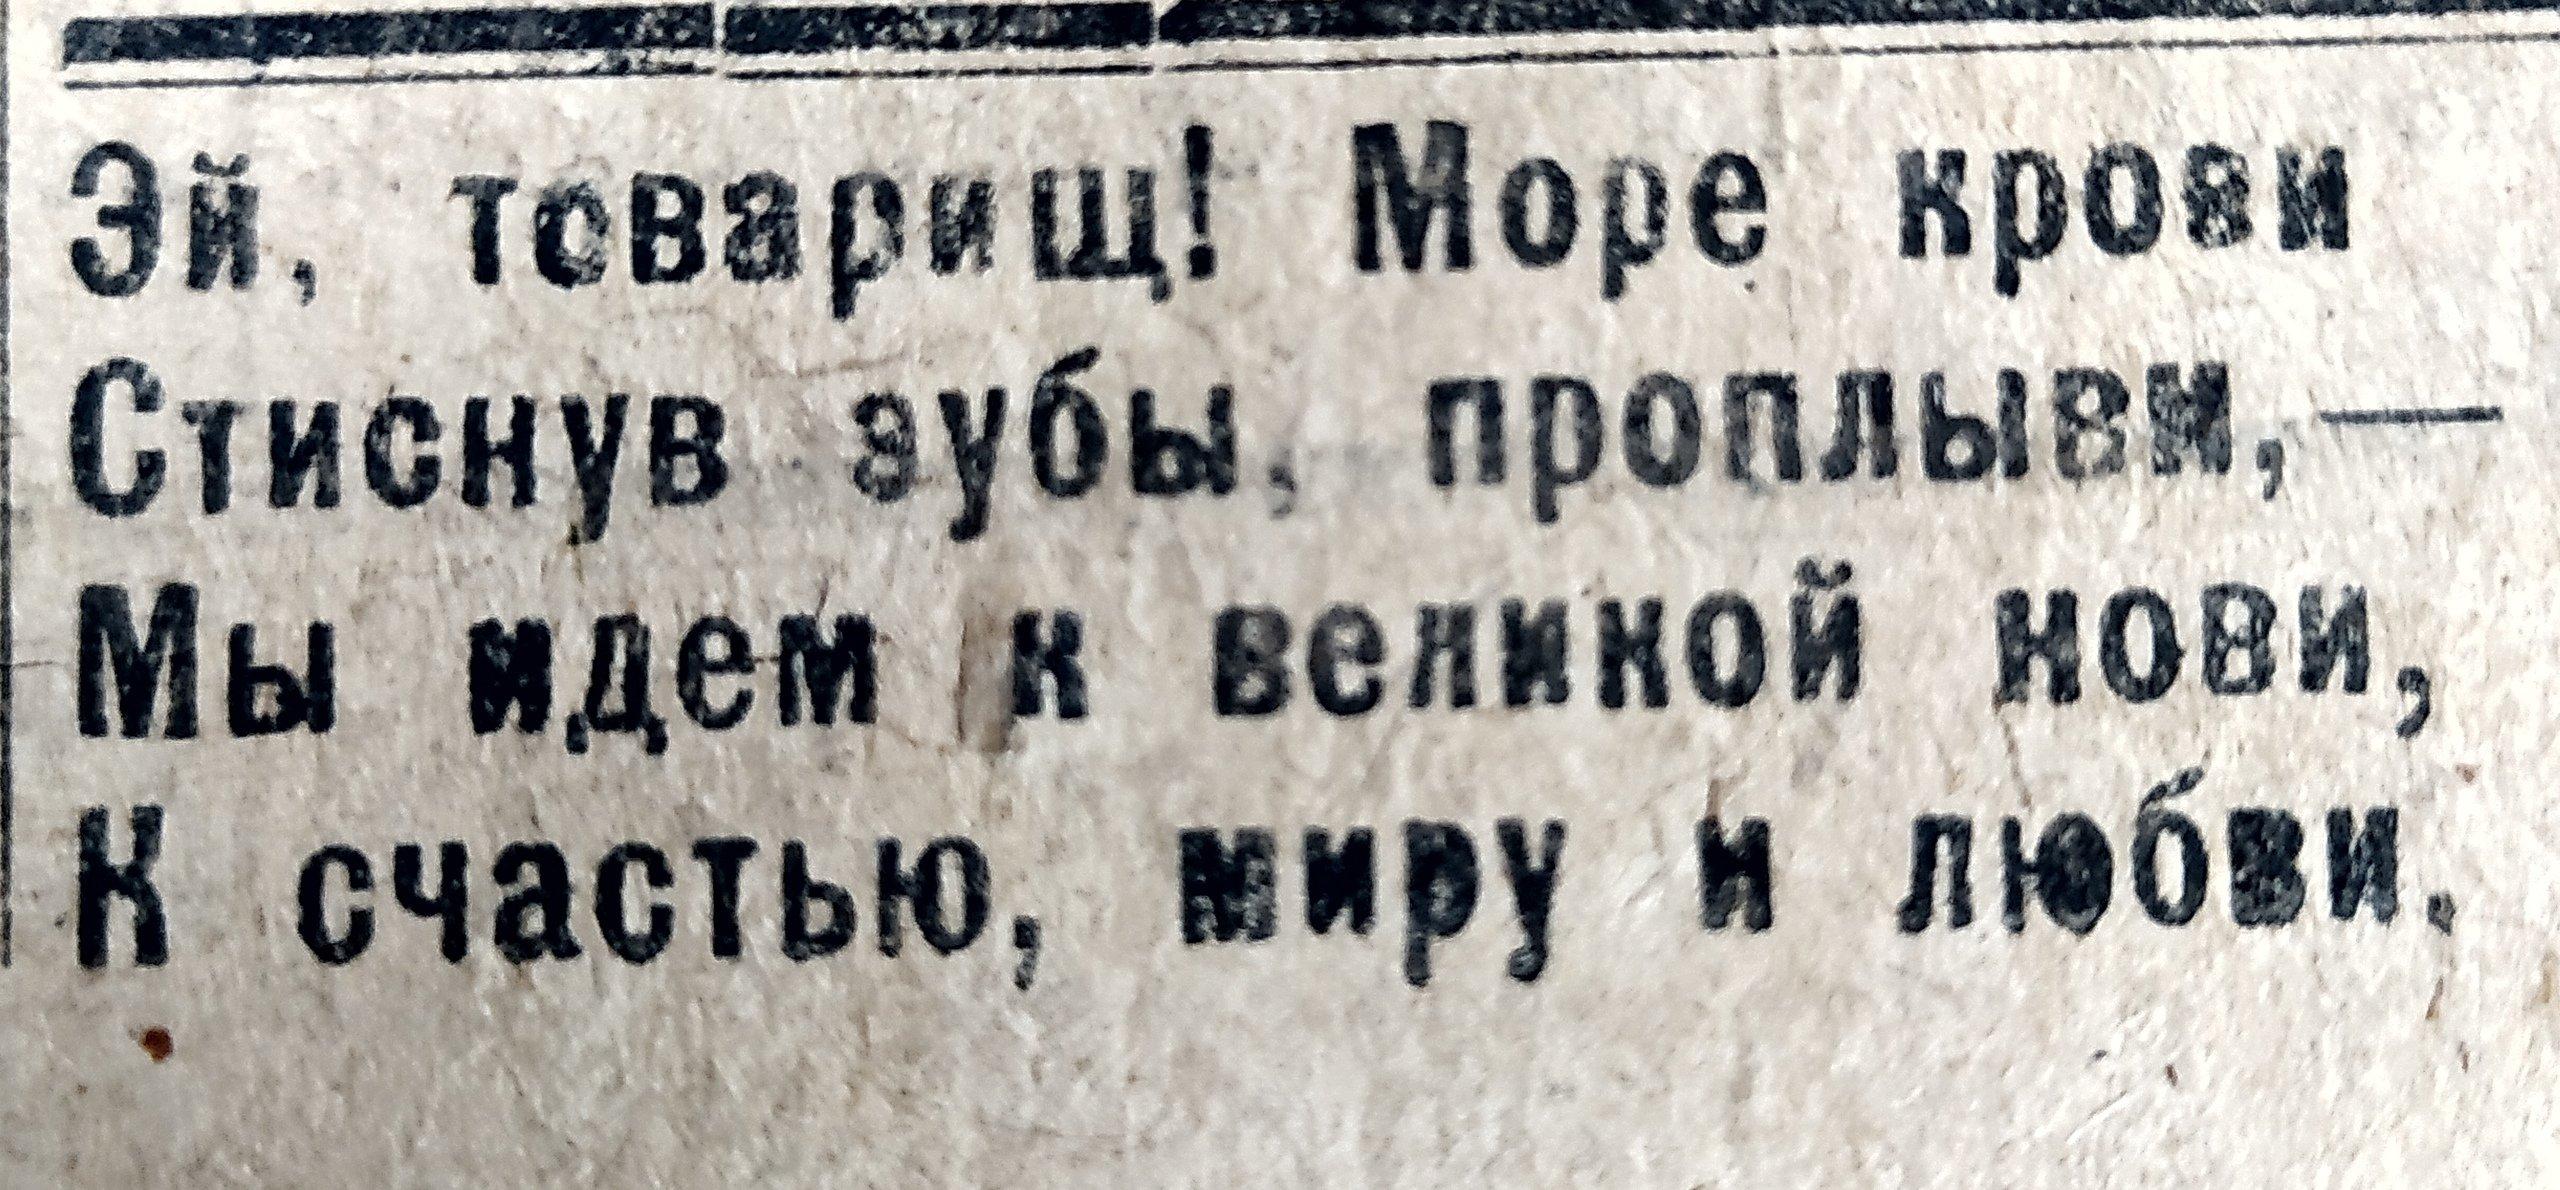 Источник - https://vk.com/wall-133933182_10135